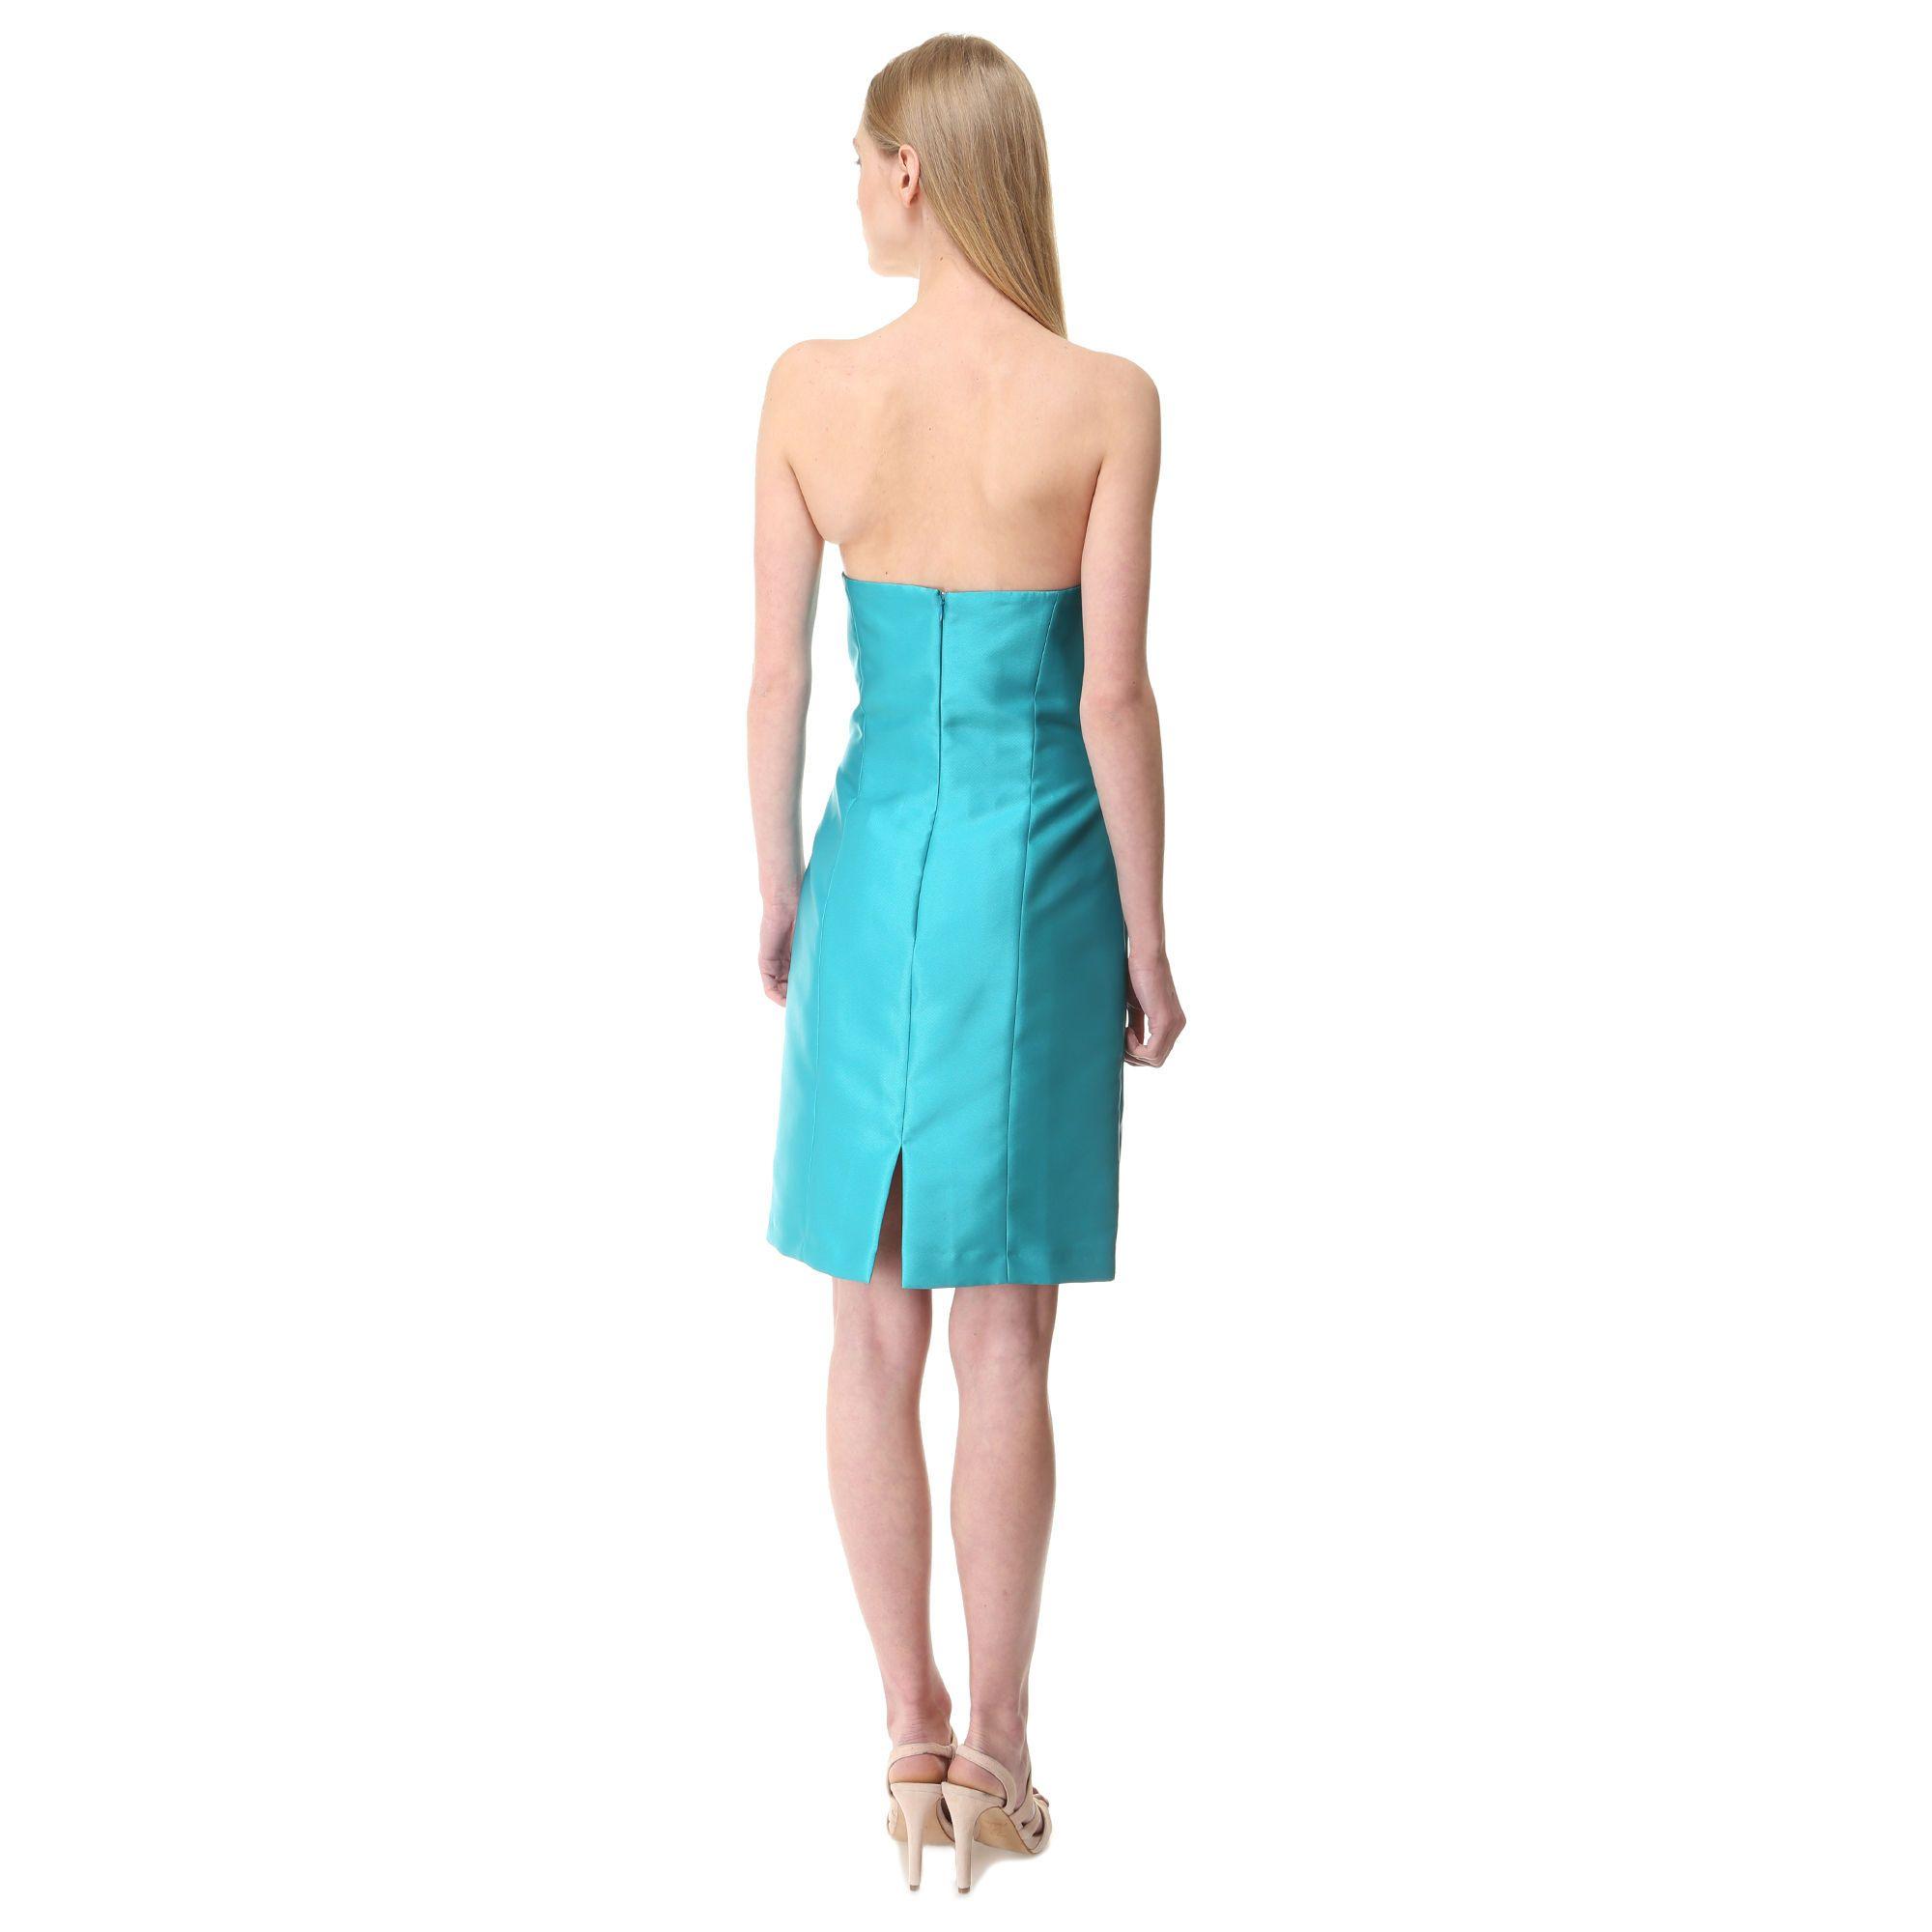 PRIVALIA - Outlet online de moda Nº1 en España | Look invitada boda ...